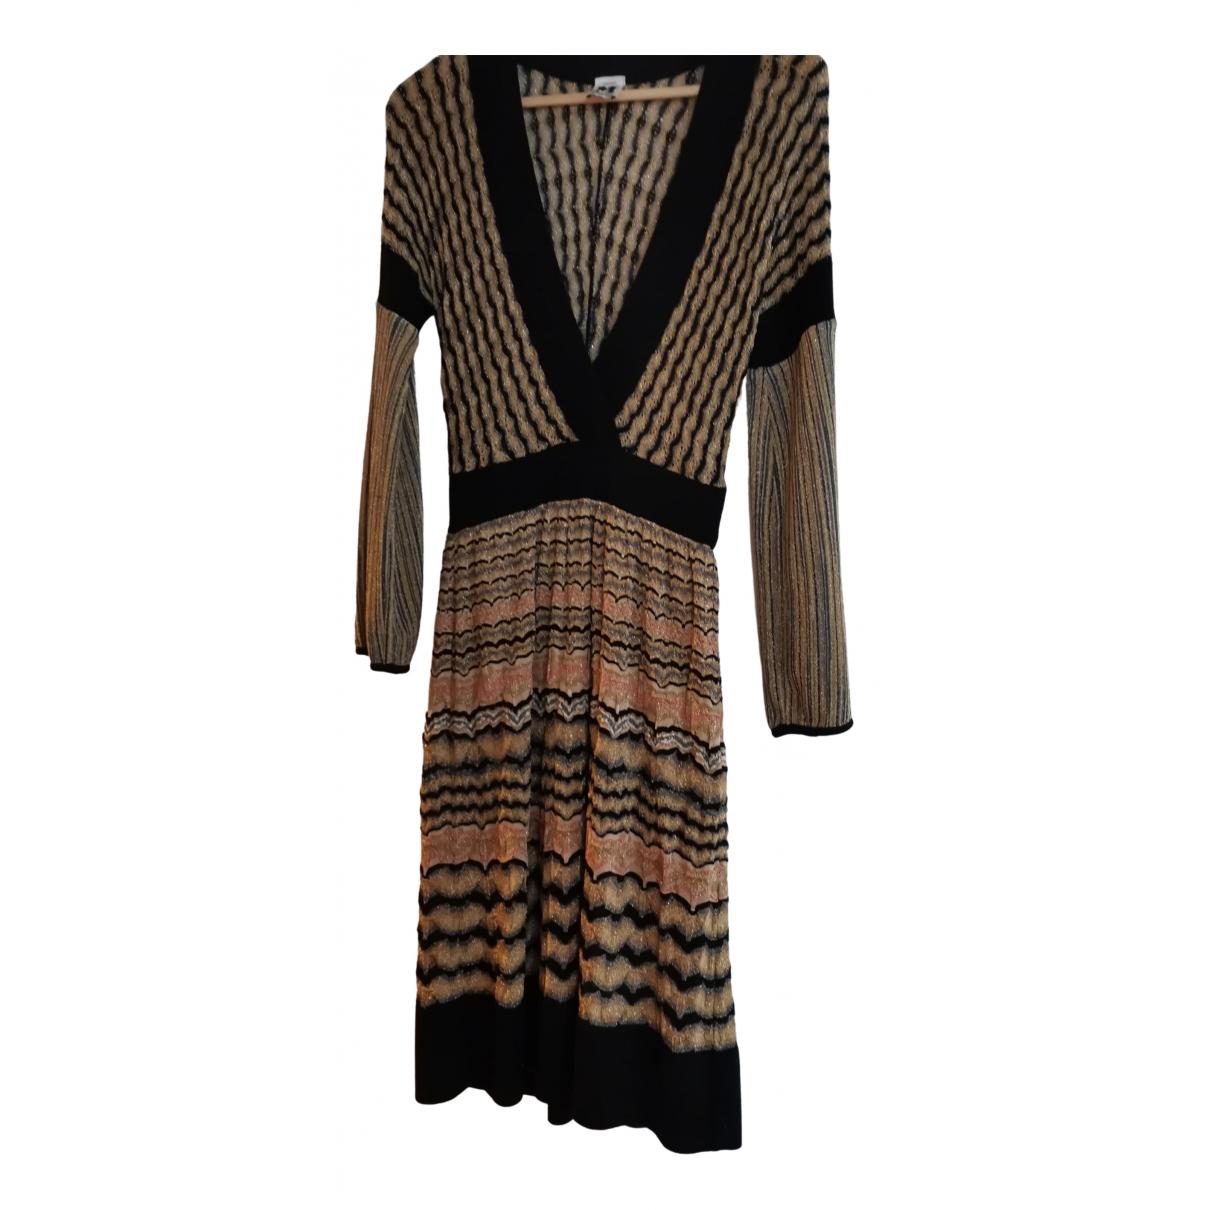 M Missoni N Multicolour Wool dress for Women 42 IT